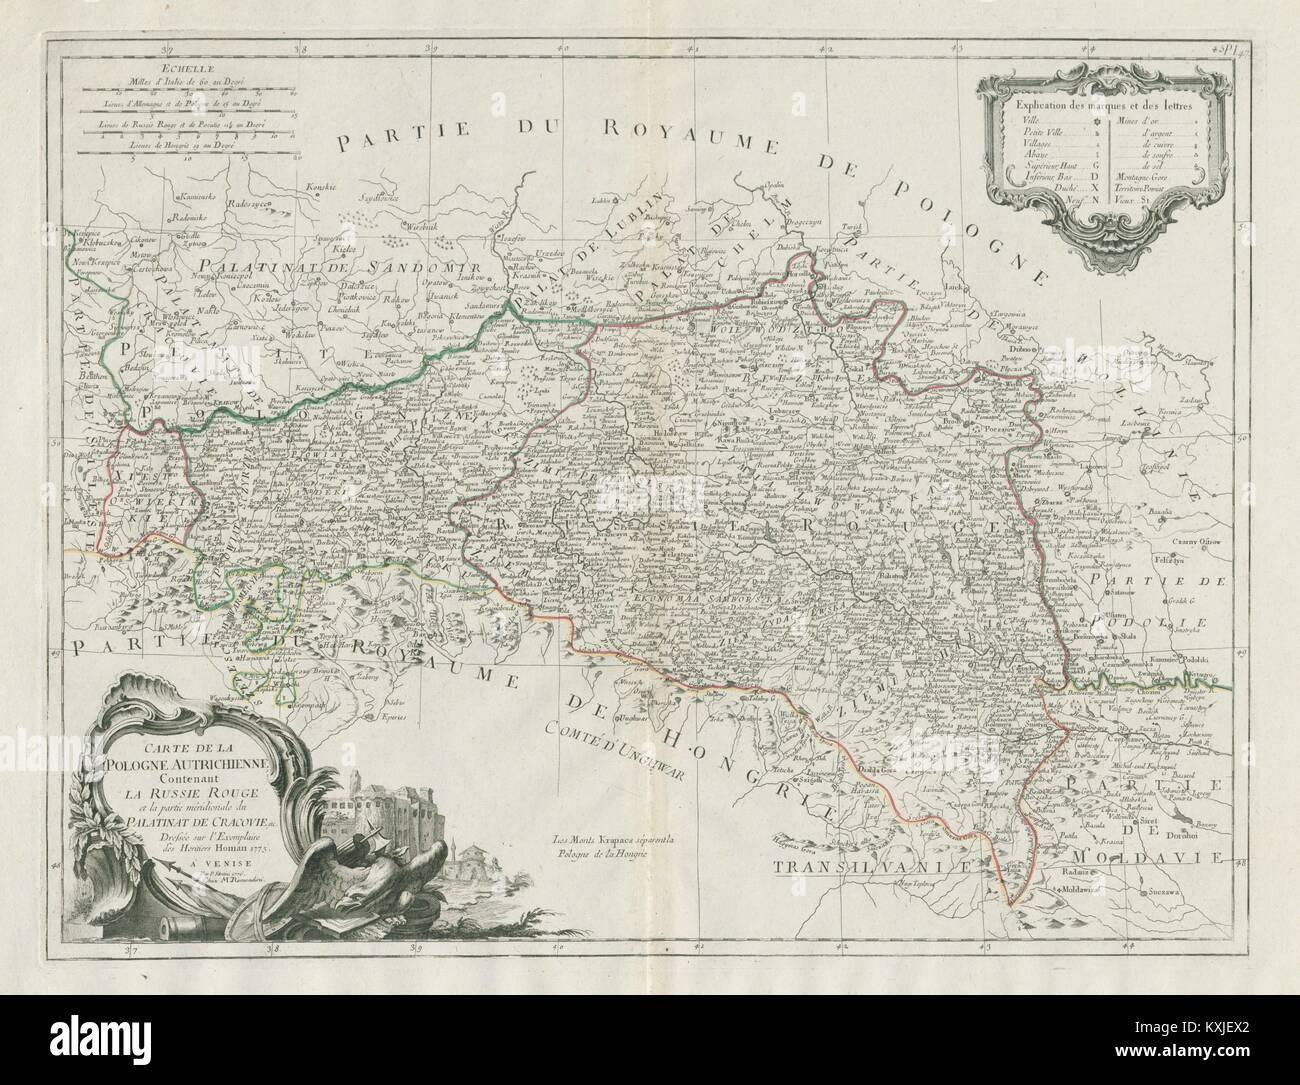 Carte de la Pologne Autrichiene…